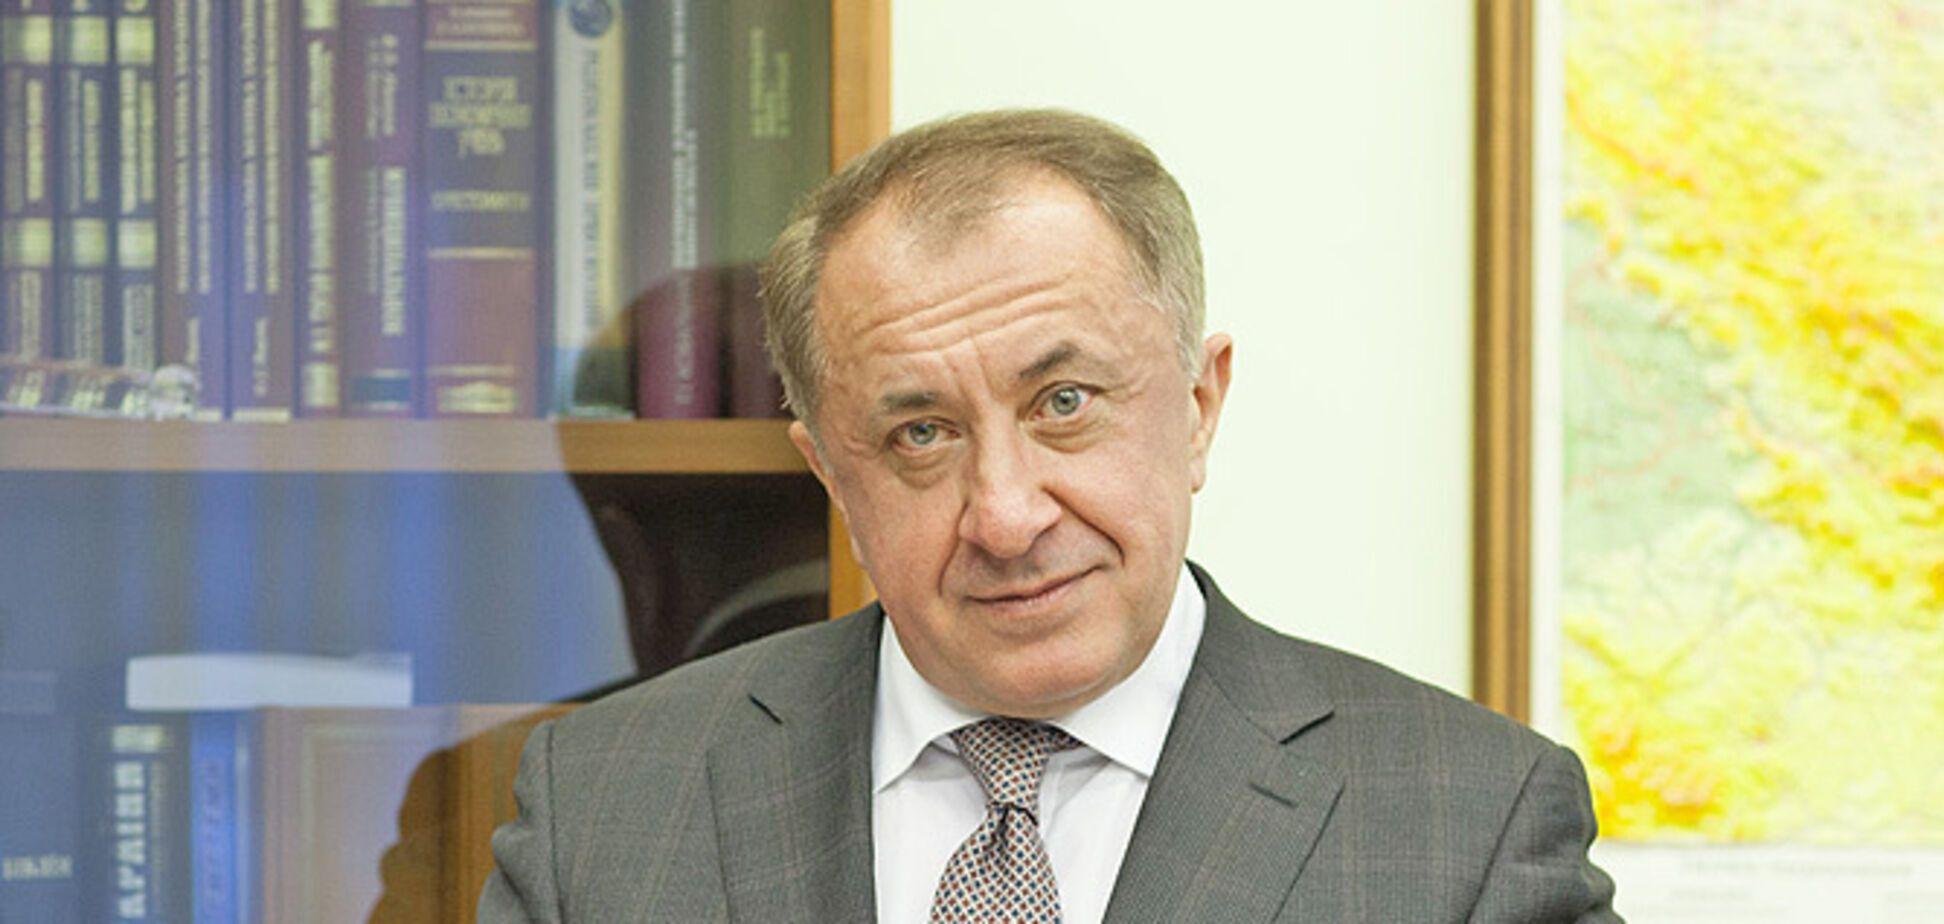 Данилишин повідомив про зростання обороту продукції добувної та переробної промисловості в Україні